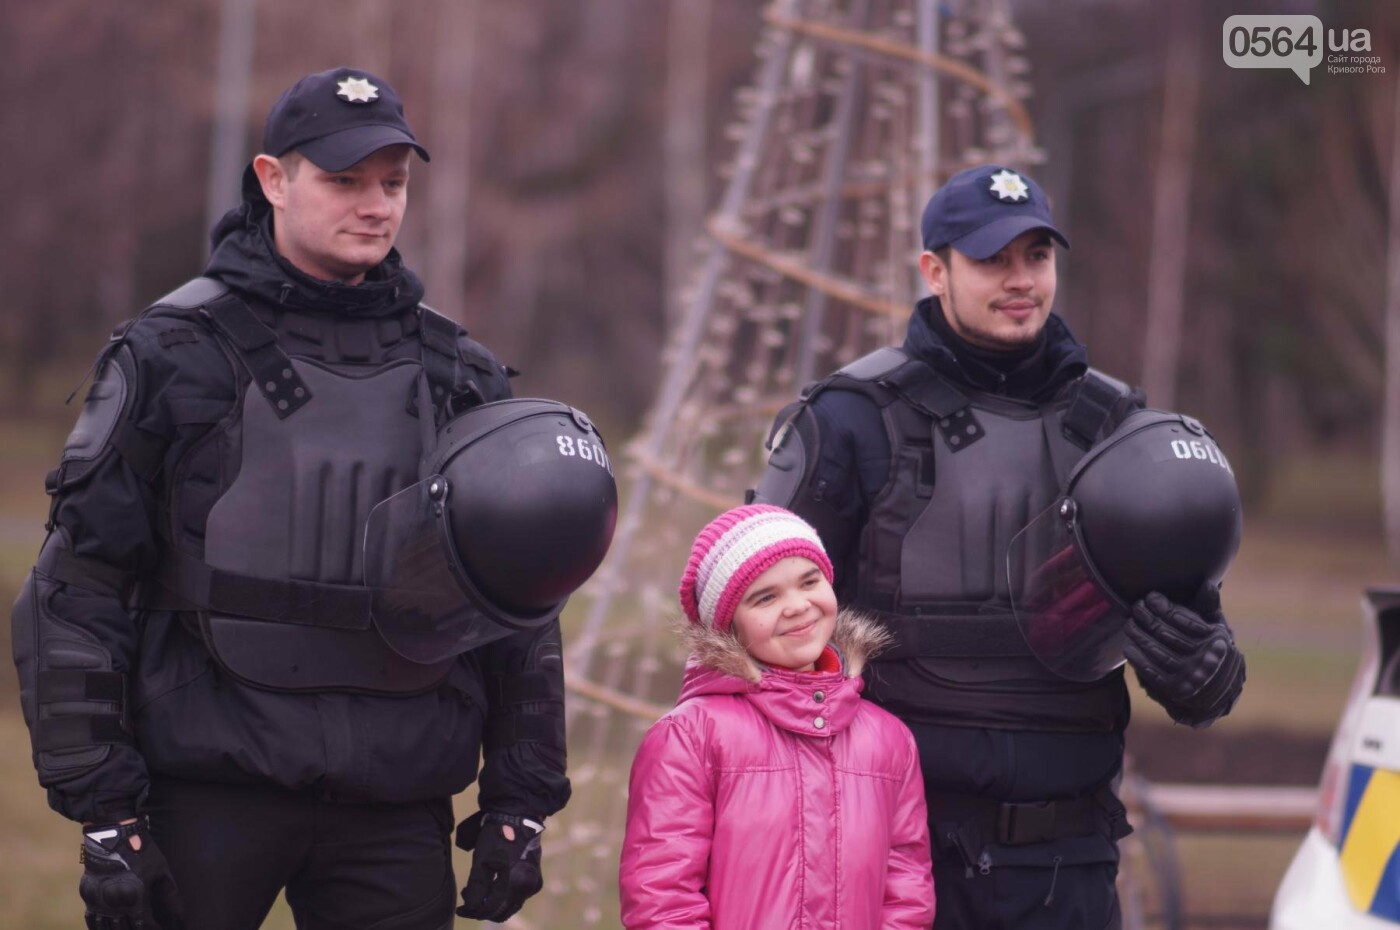 Встреча криворожских полицейских с детьми закончилась преждевременно (ФОТО), фото-6